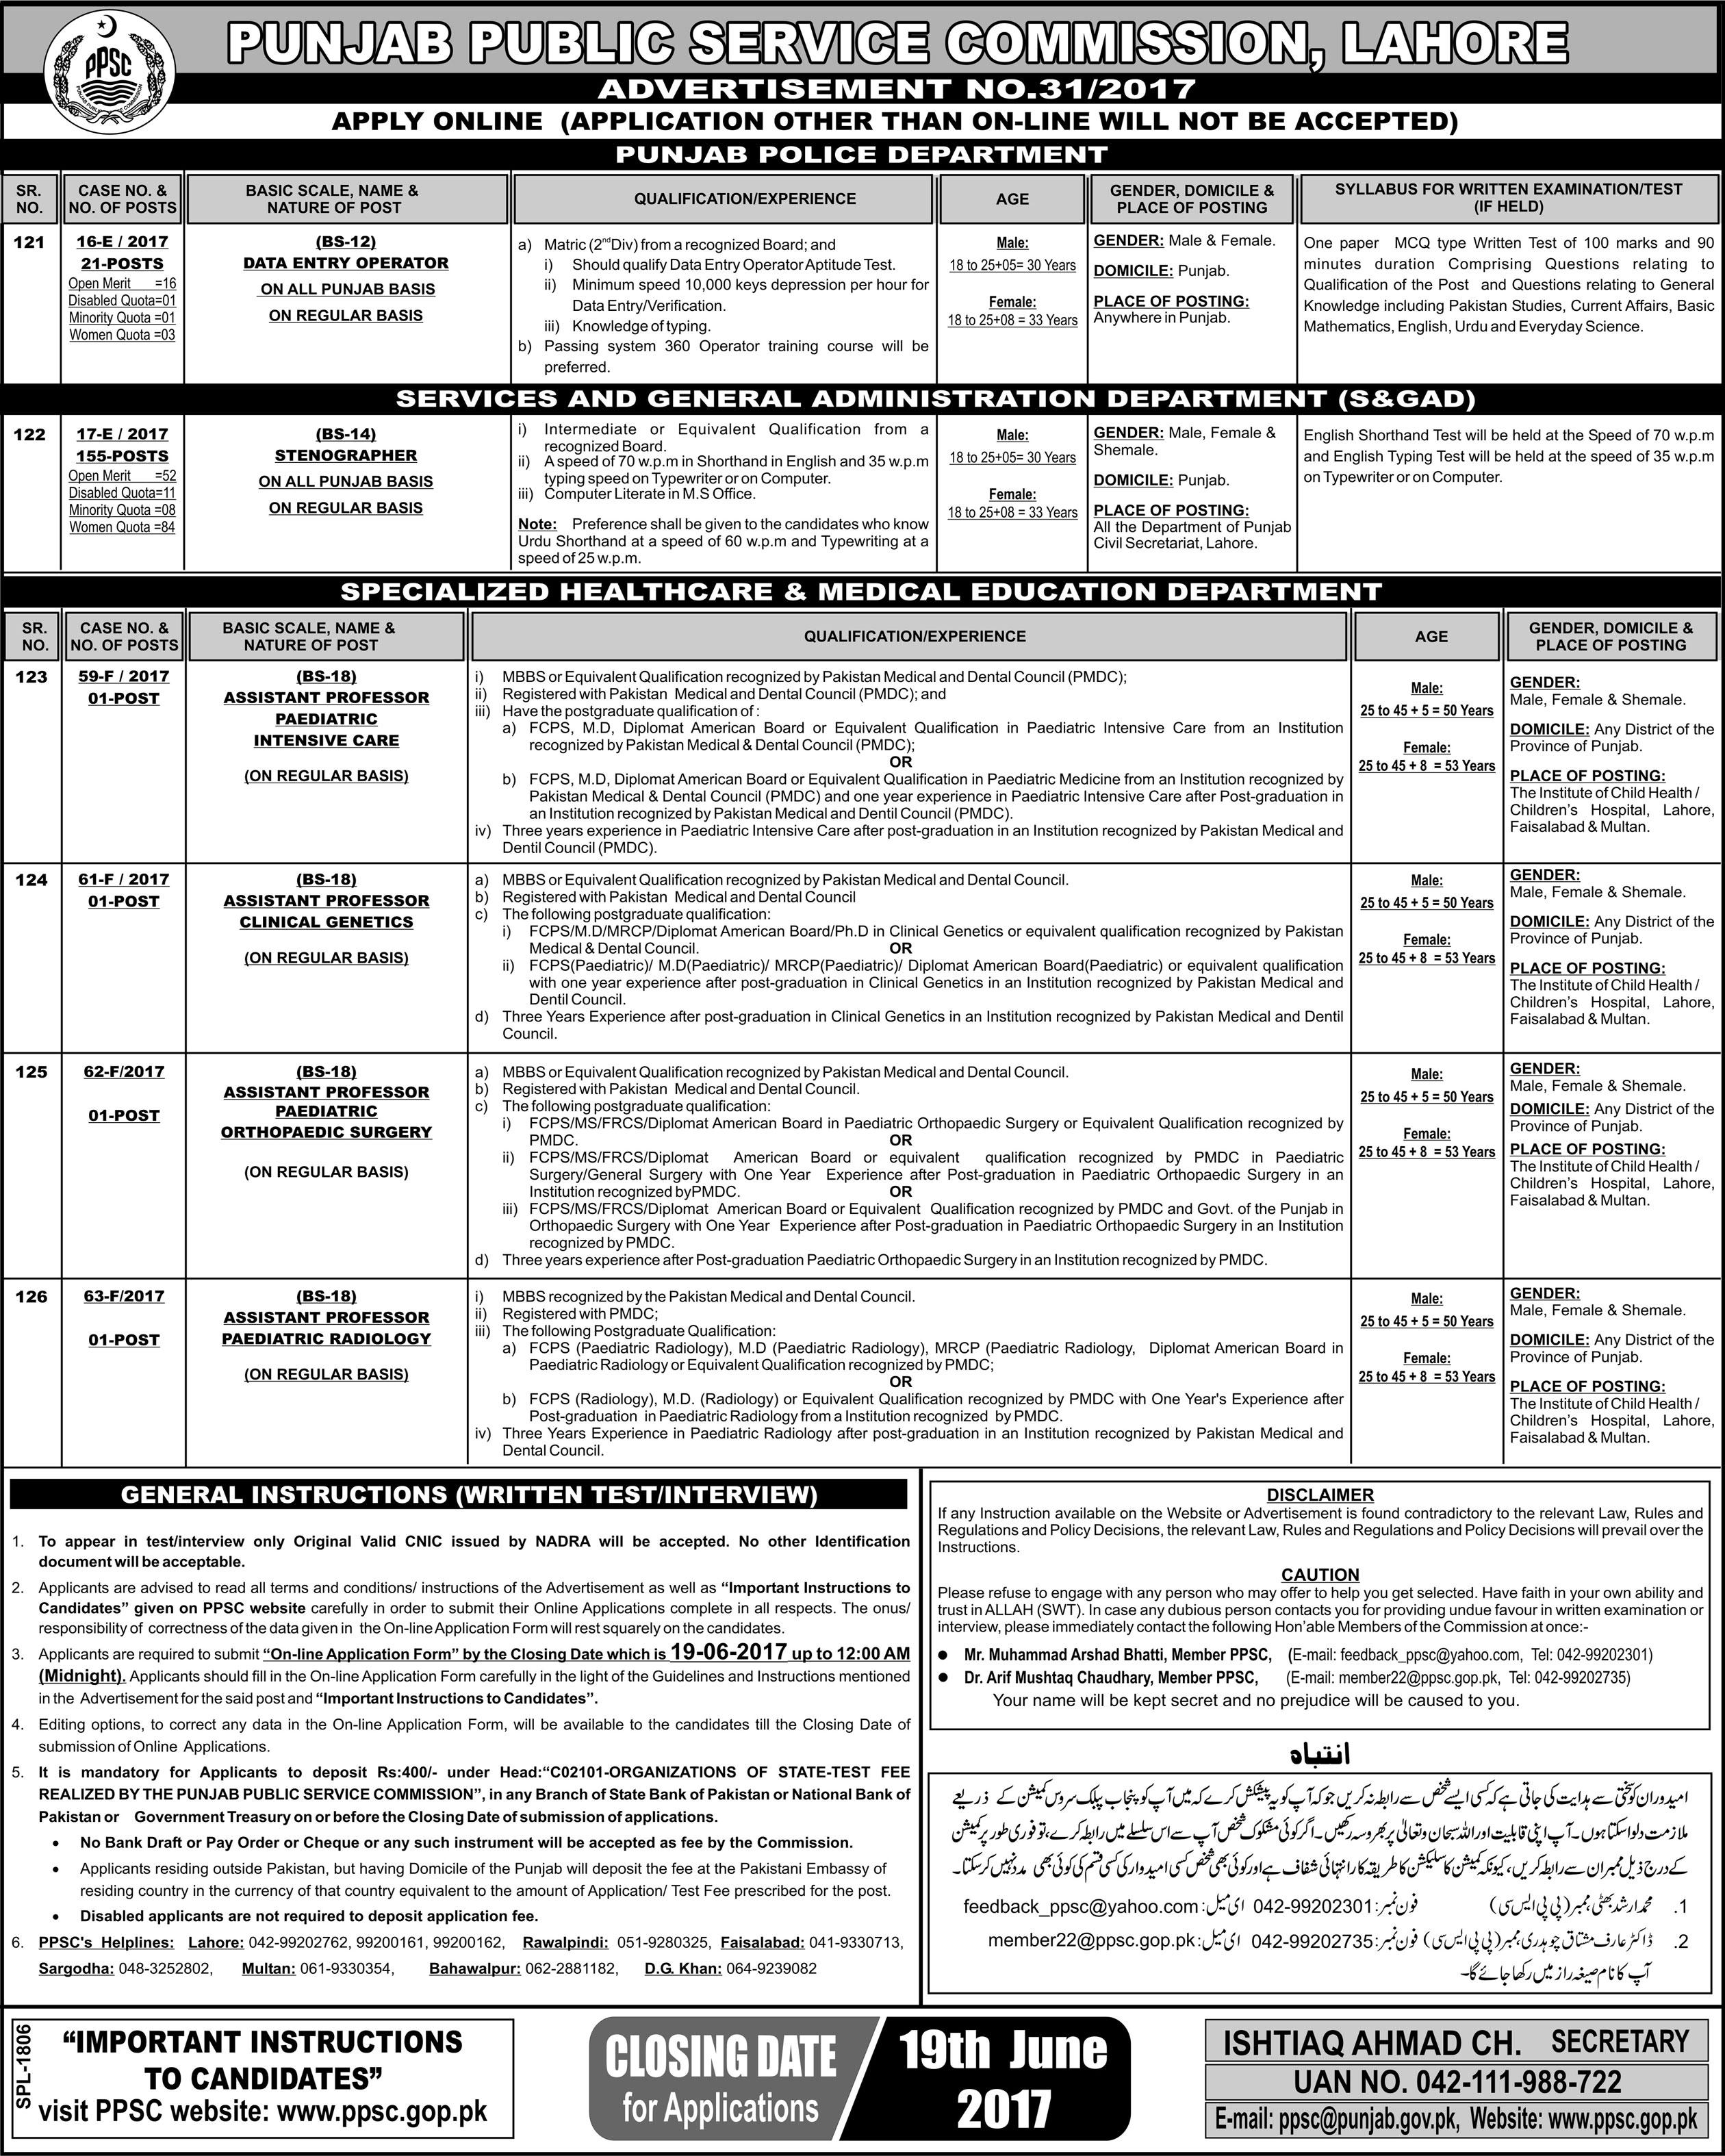 PPSC Jobs 2017 Latest Punjab Public Service Commission